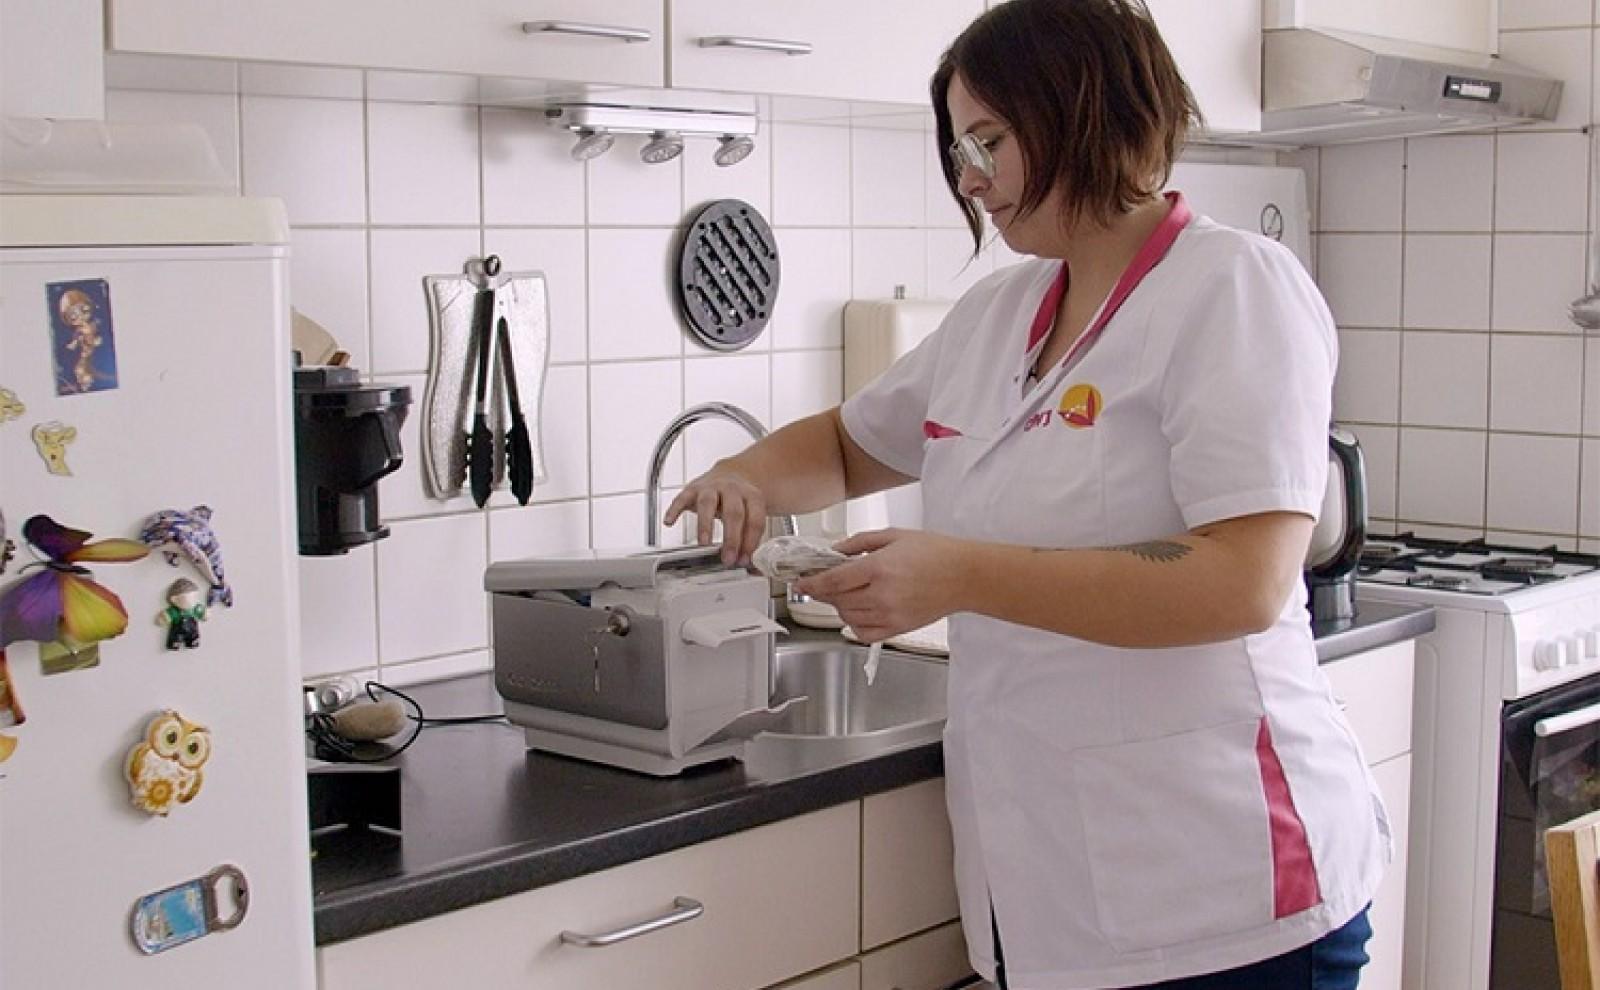 thuiszorgmedewerker vult medido slimme medicijndispenser bij